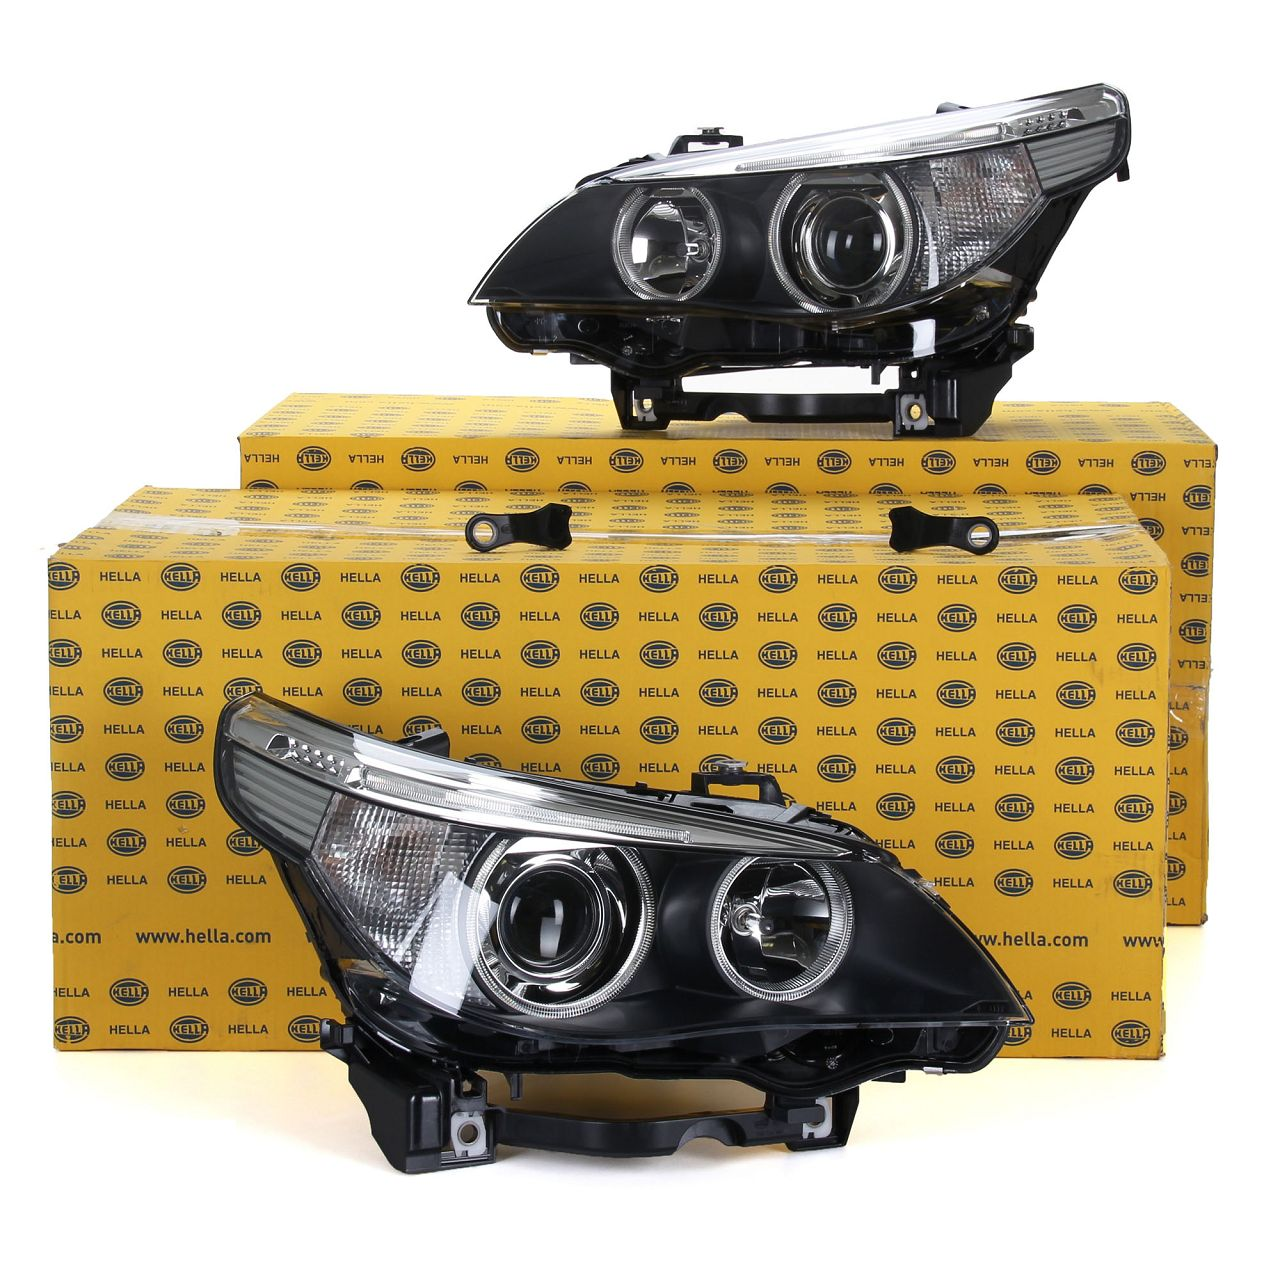 2x HELLA Hauptscheinwerfer + Stellmotor BI-XENON für BMW 5er E60 + 5er E61